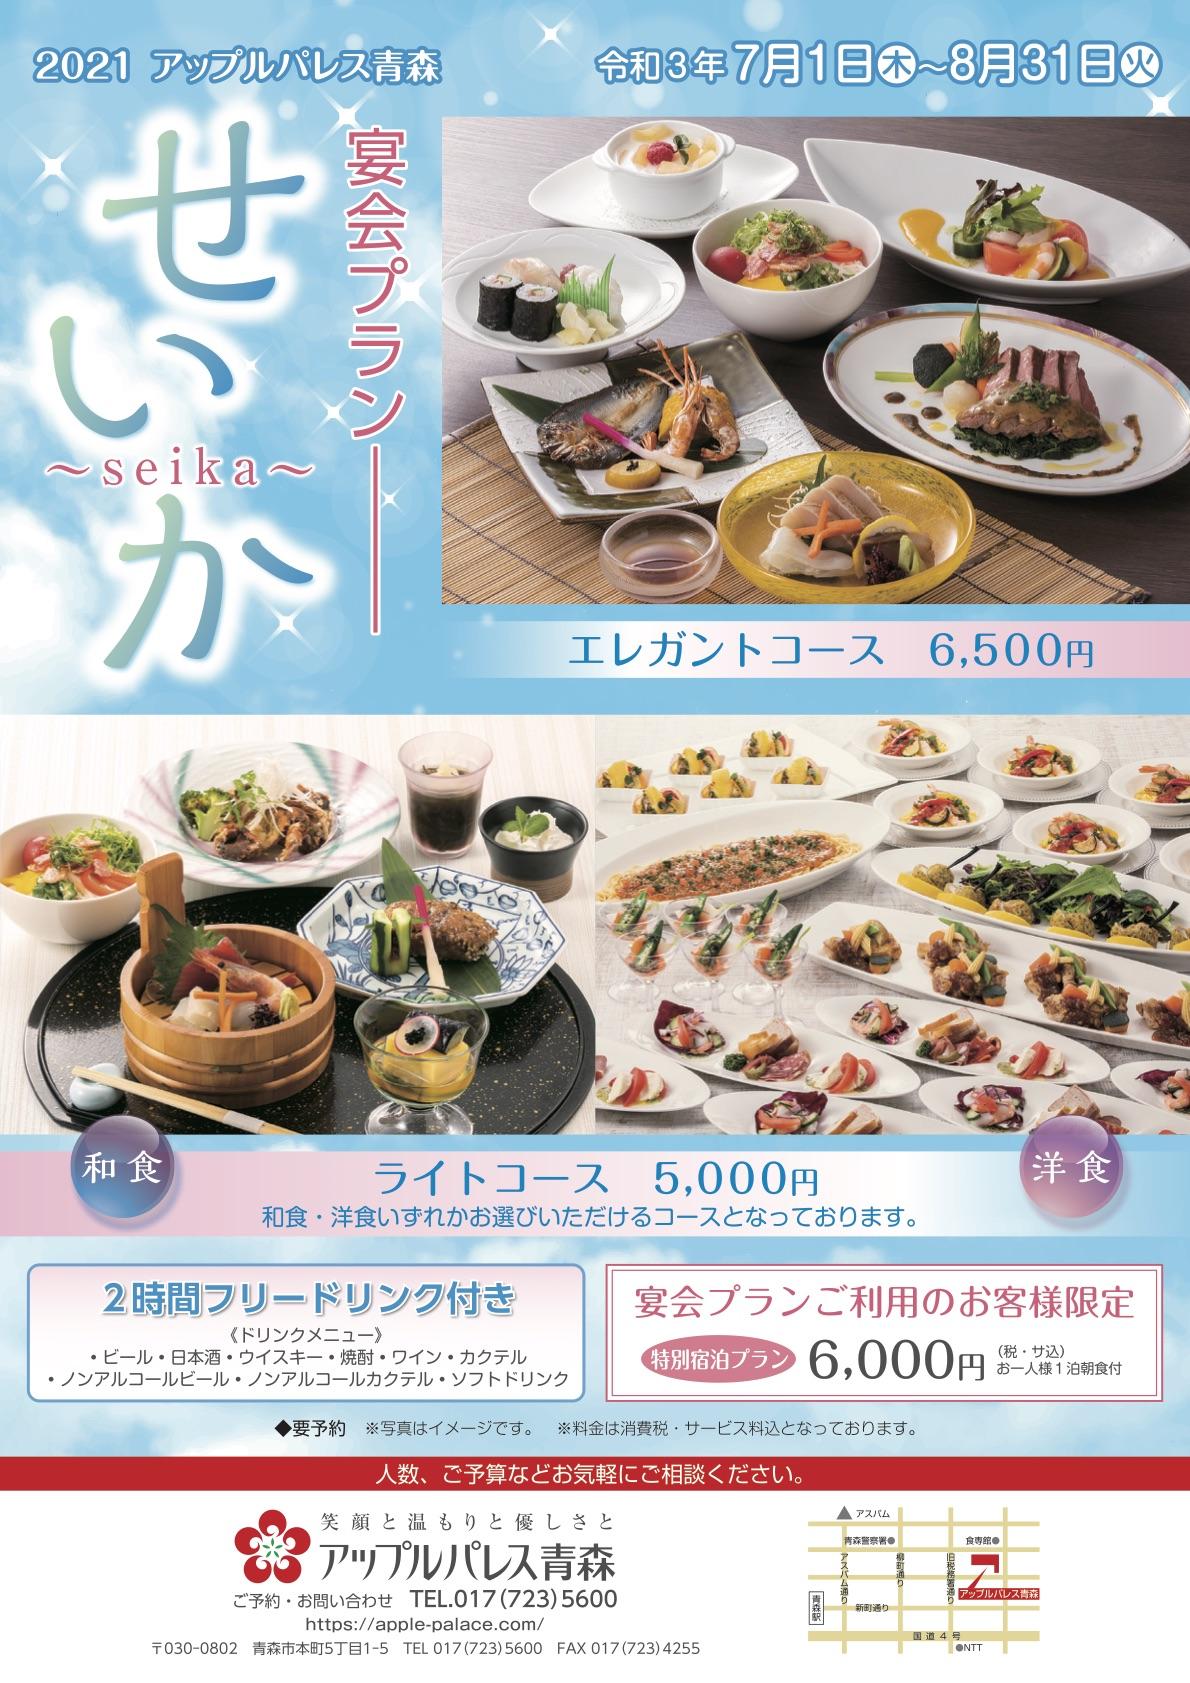 アップルパレス青森 2021宴会プラン せいか~seika~(7/1〜8/31)要予約。【ご予約・お問い合せ】TEL.017-723-5600 (すべて税・サ込)【エレガントコース 6,500円】、【ライトコース 5,000円】和食・洋食いずれかお選びいただけるコースとなっております。【◎2時間フリードリンク付き!】ビール・日本酒・ウイスキー・焼酎・ワイン・カクテル・ノンアルコールビール・の鳴るコールカクテル・ソフトドリンク【宴会プランご利用のお客様限定】特別宿泊プラン6,000円(税・サ込)※お一人様1泊朝食付き